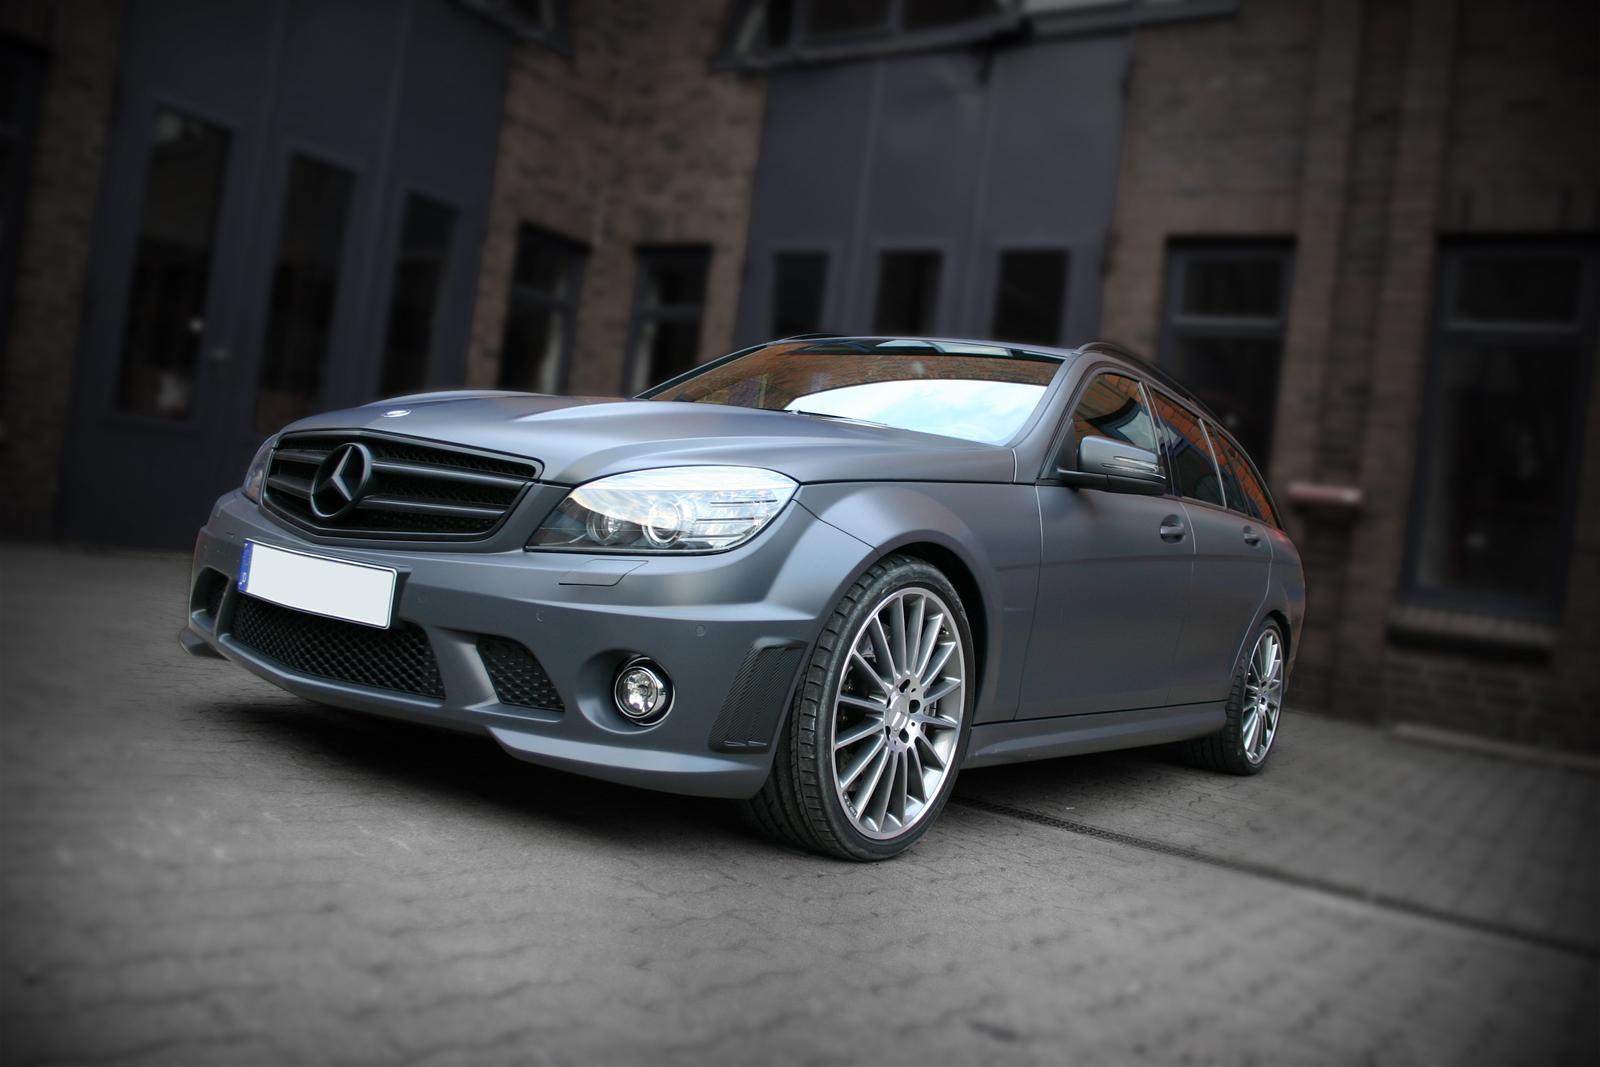 schraege Seitenansicht des folierten Mercedes C63 in Anthrazit matt